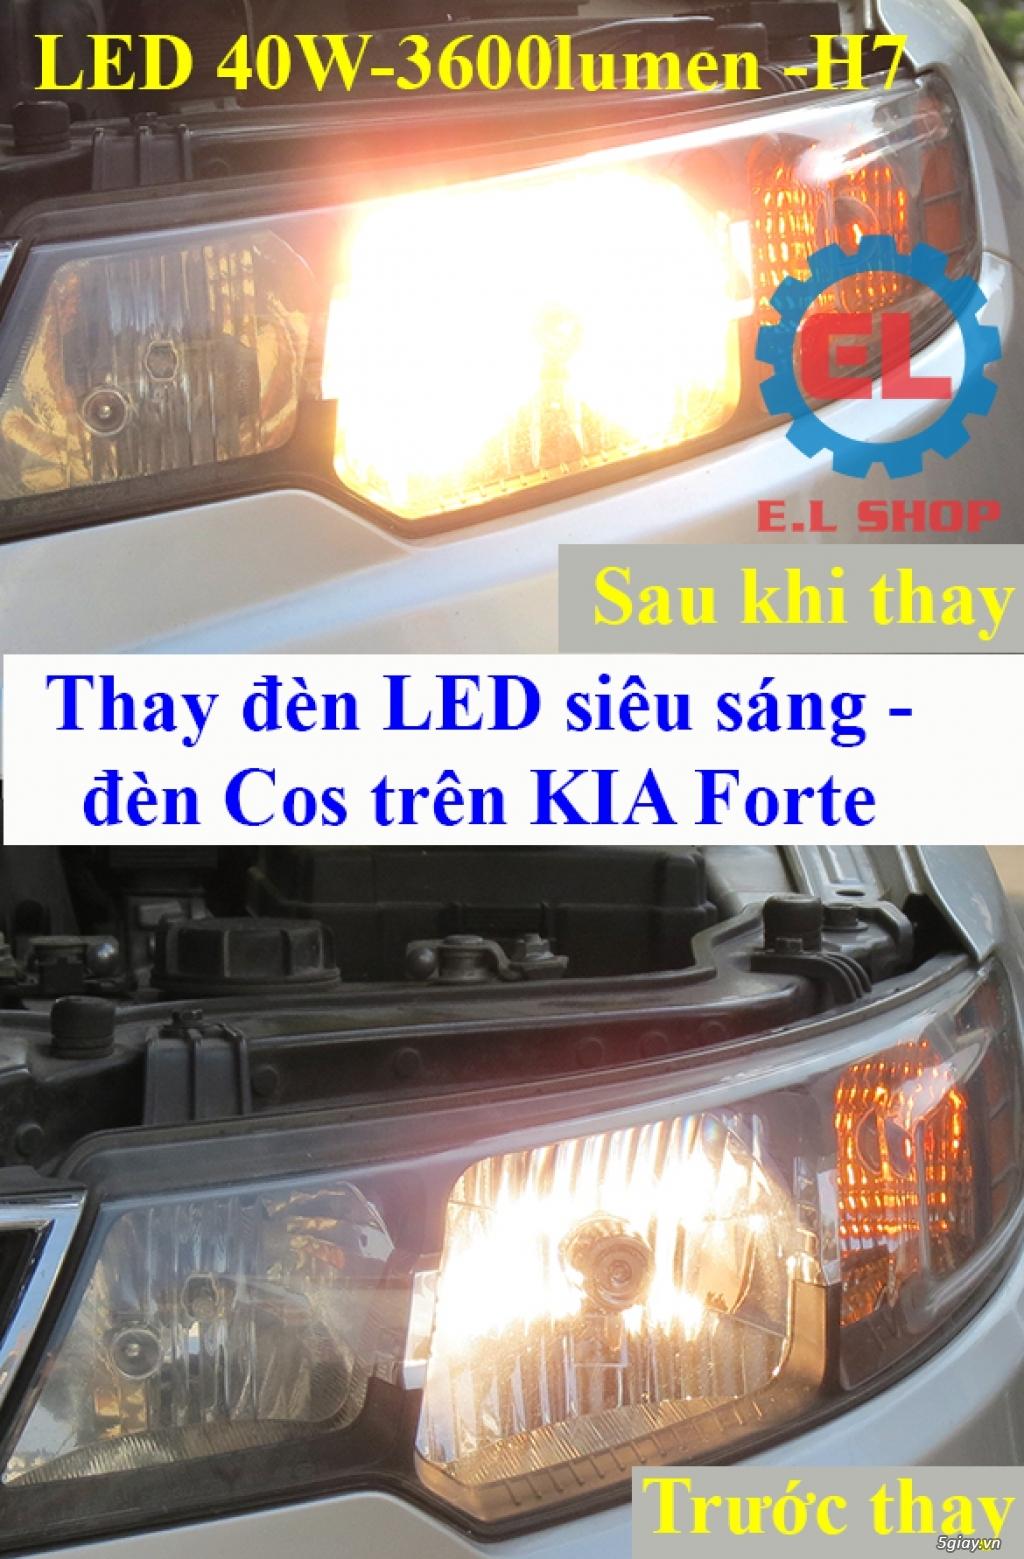 E.L SHOP - Đèn Led siêu sáng xe ô tô: XHP70, XHP50, Philips Lumiled, gương cầu xenon... - 24